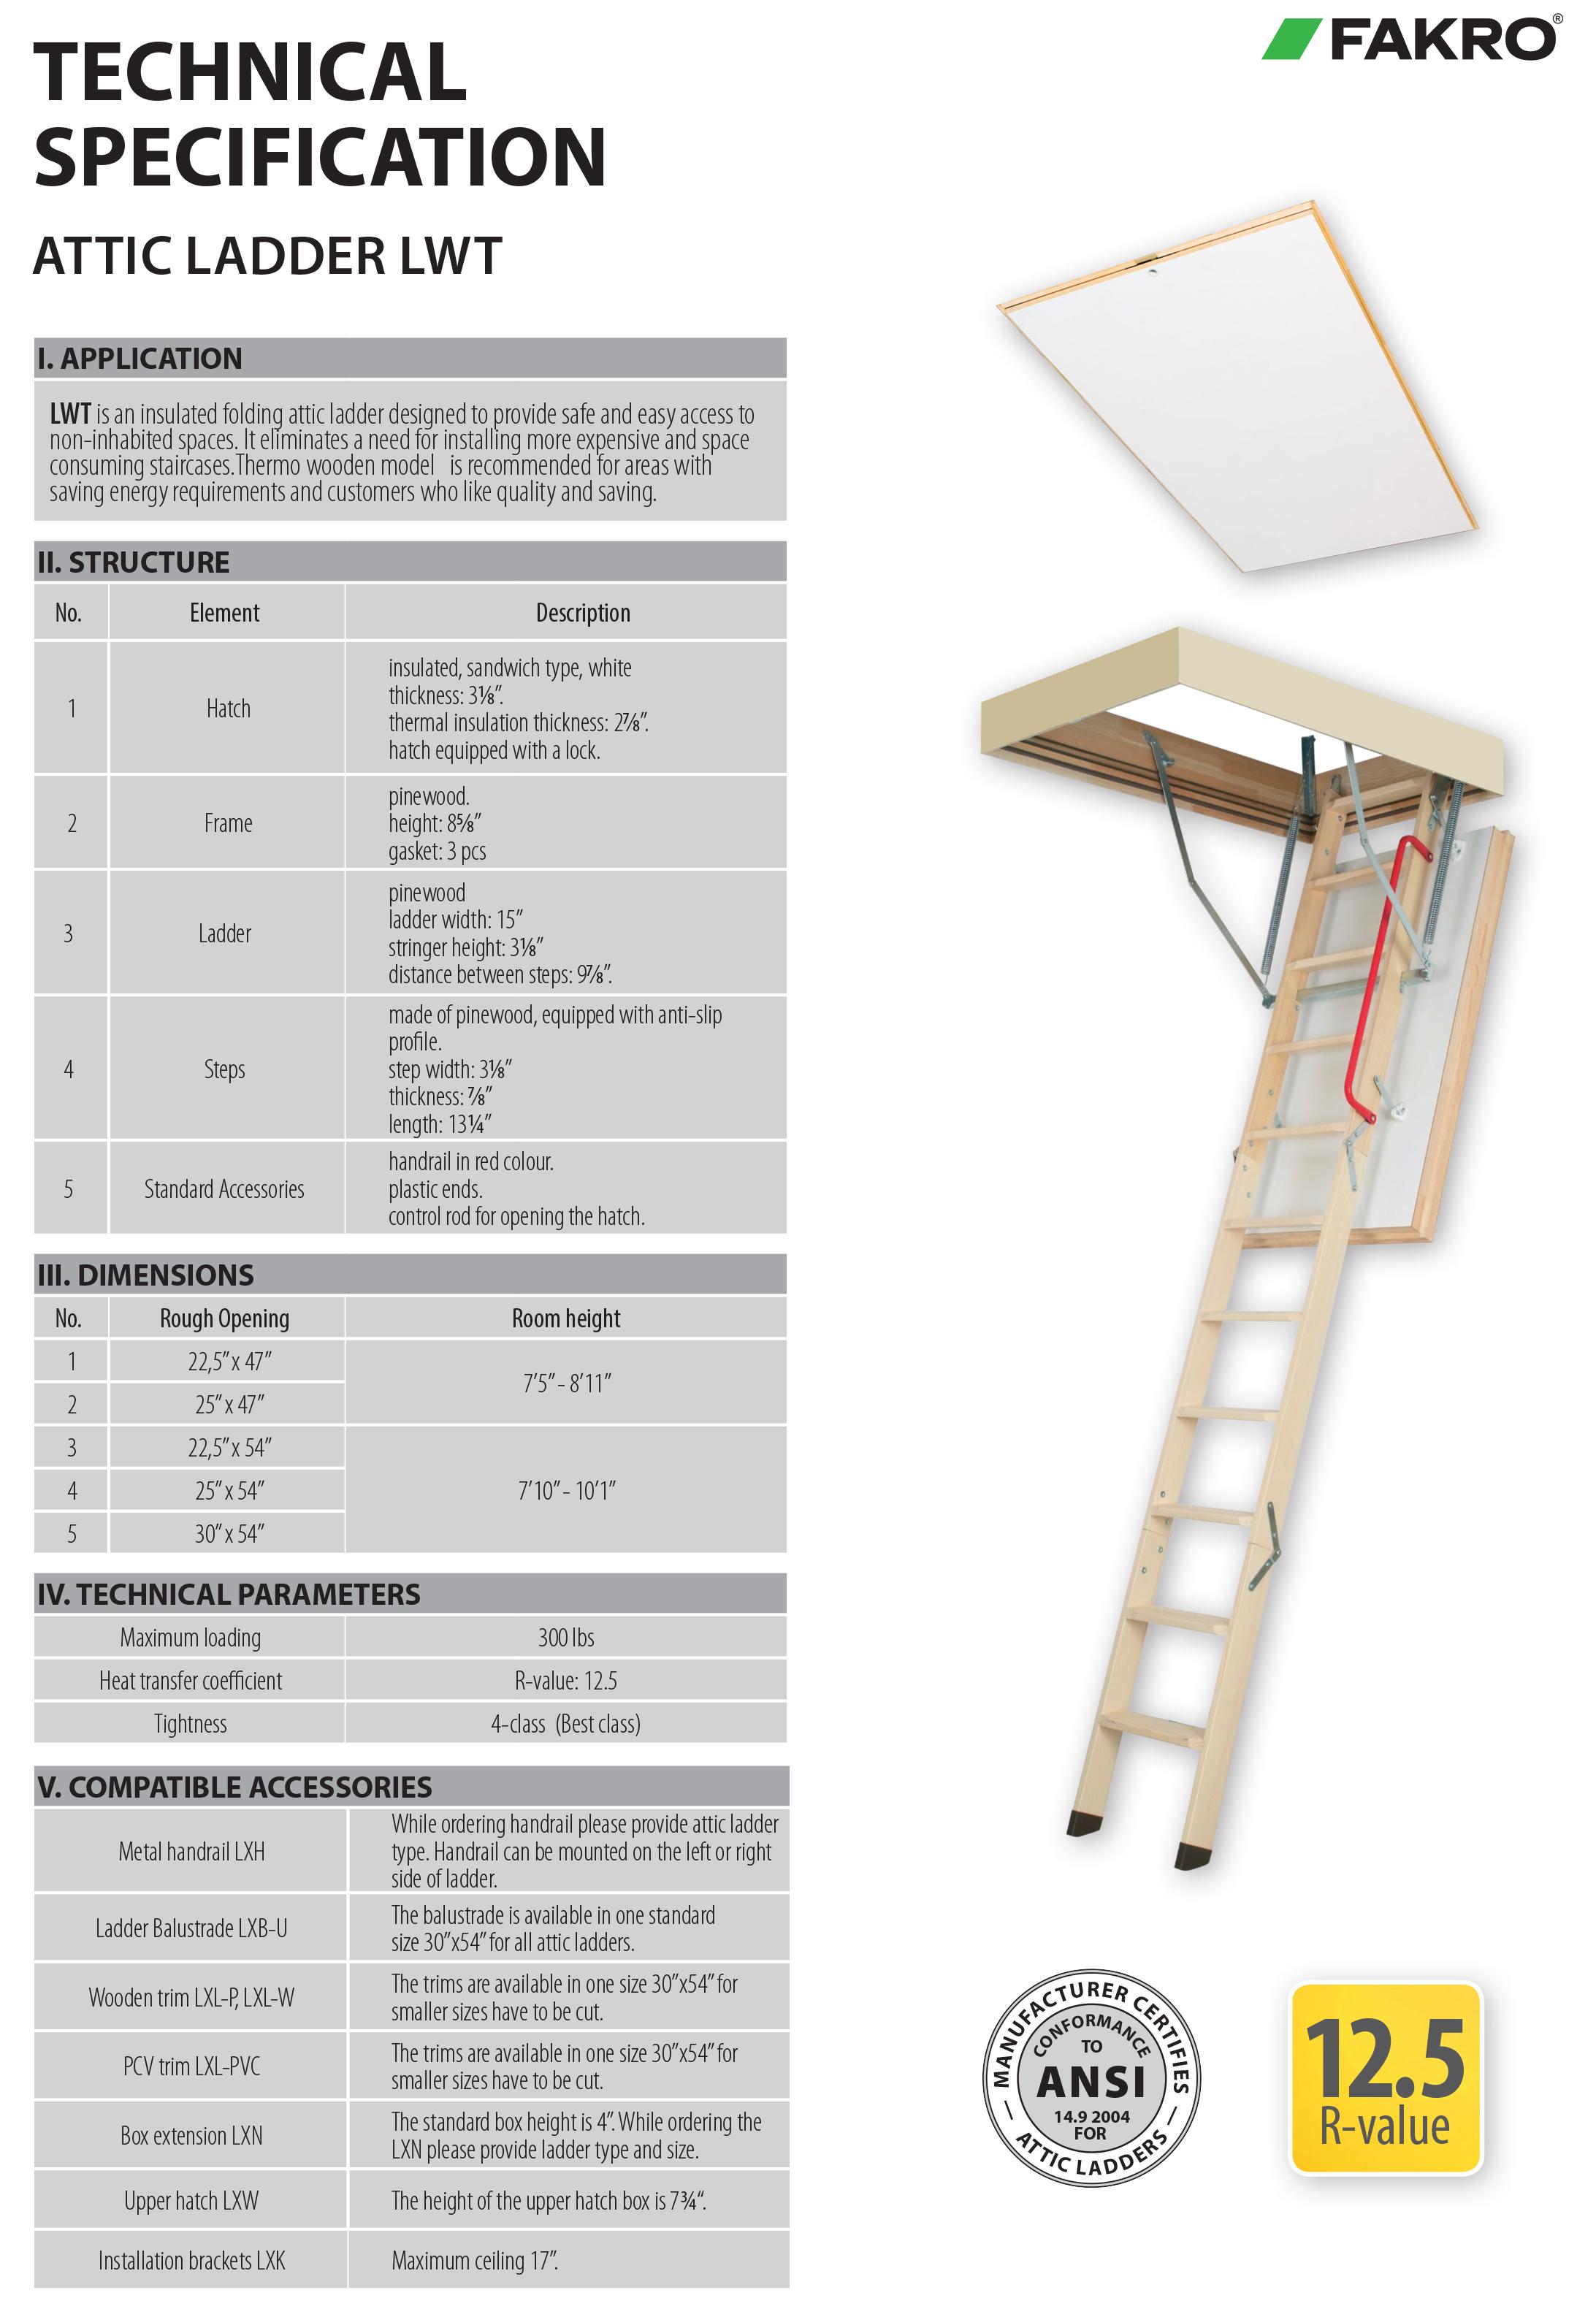 fakro-lwt-technical-sheet-1.jpg